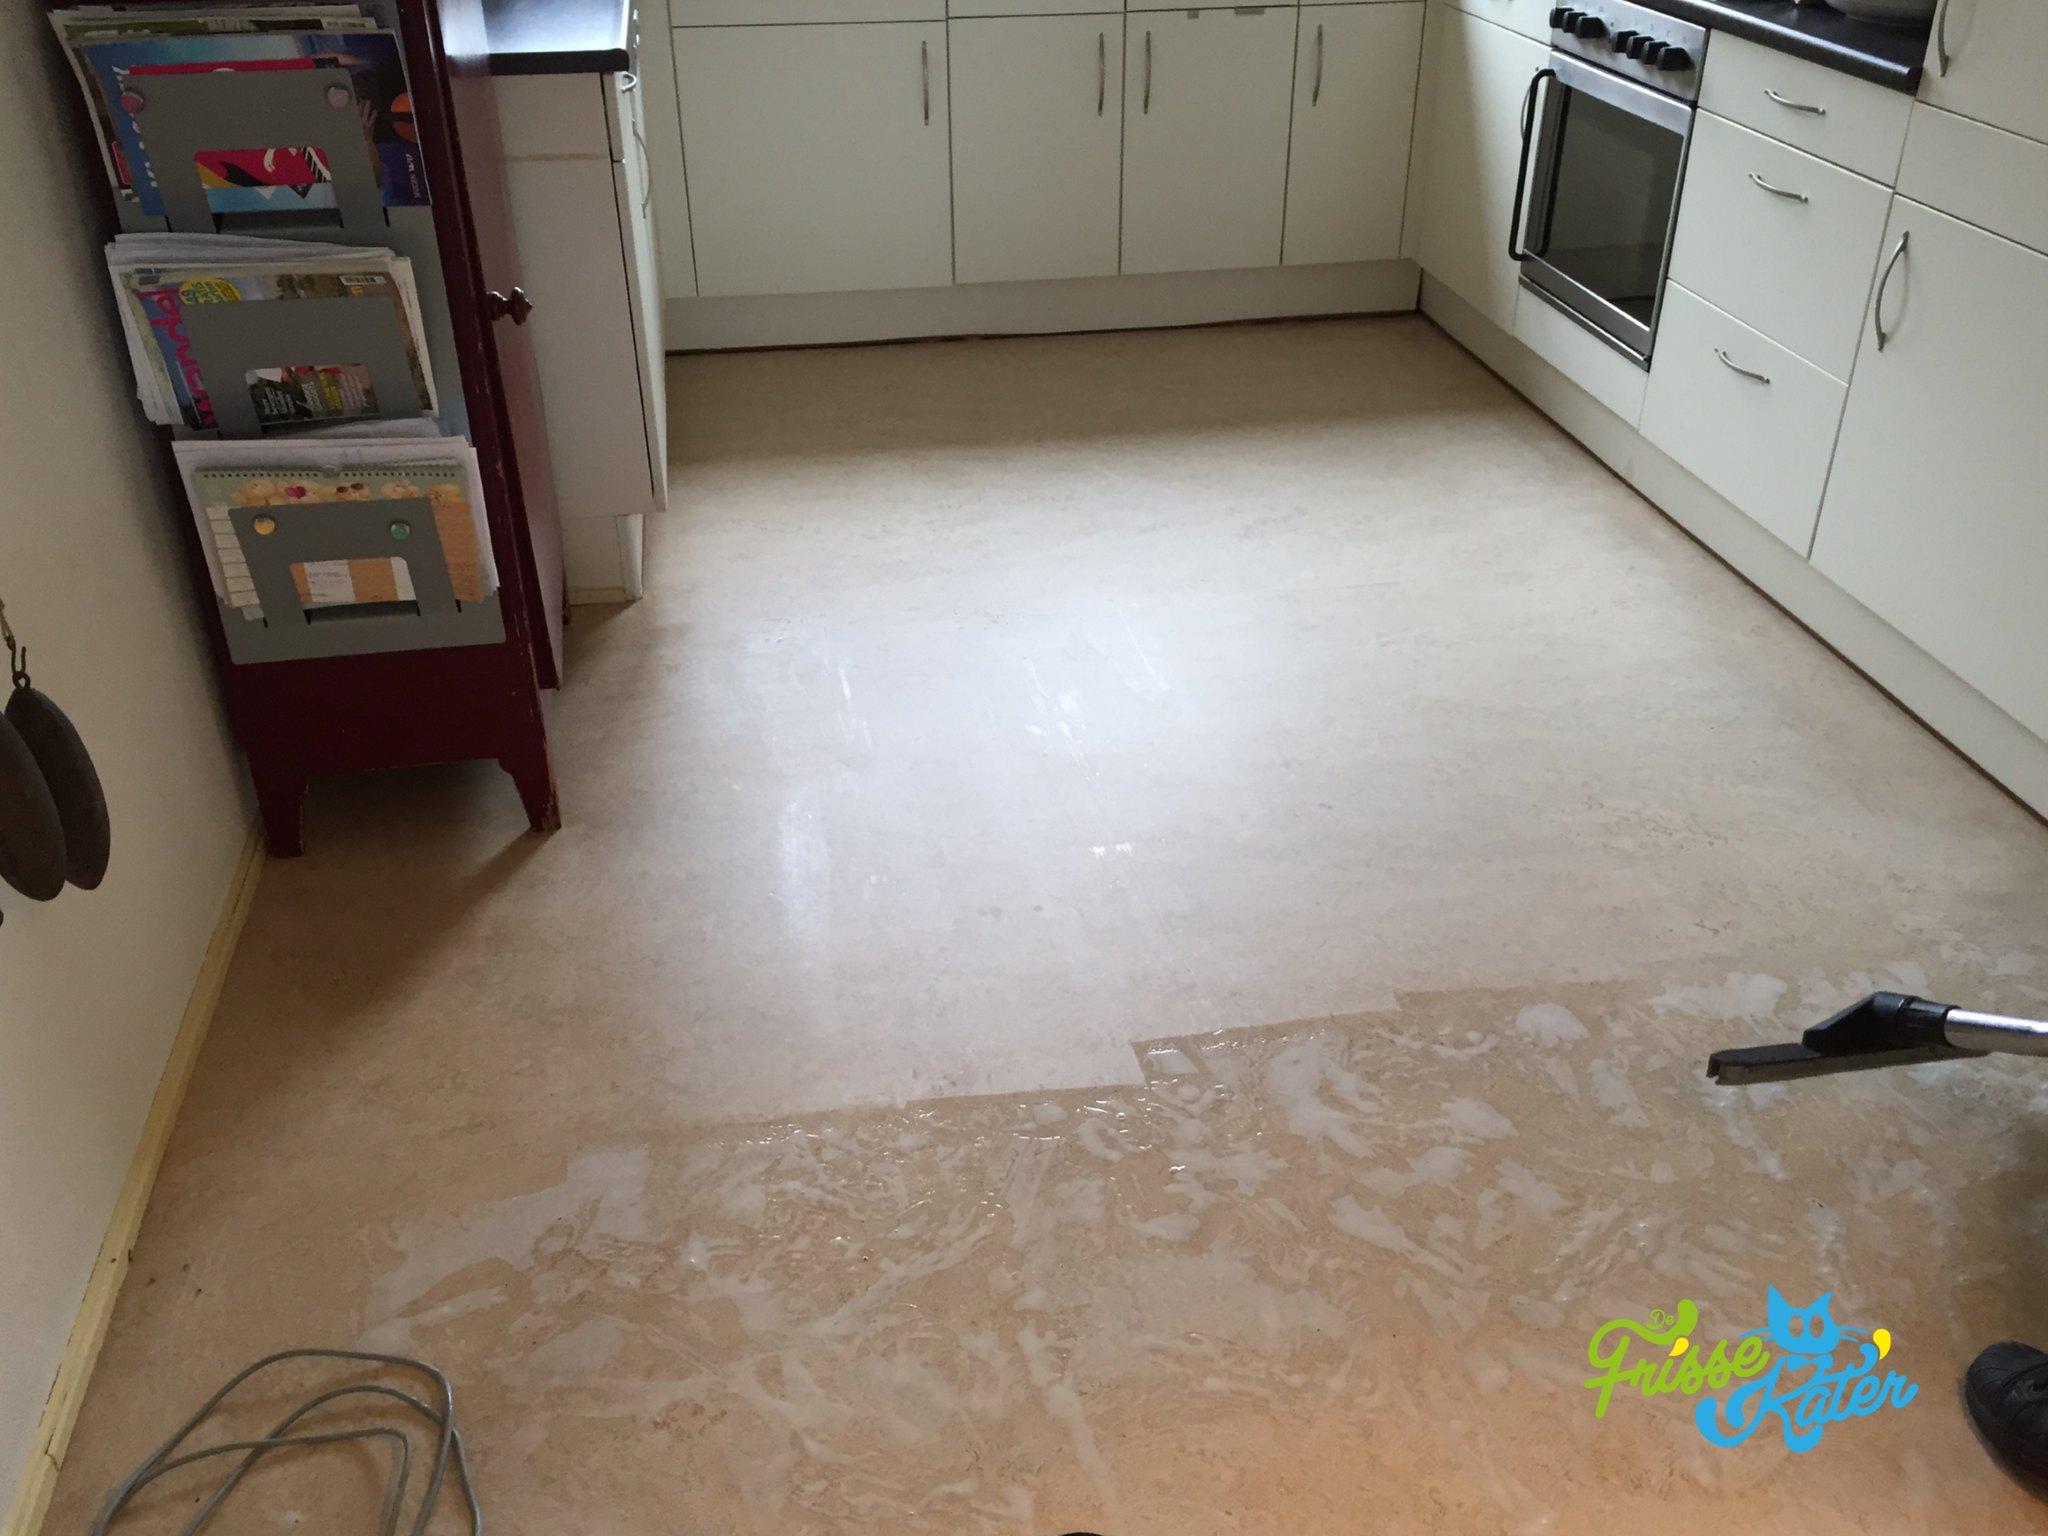 Linoleum Vloer Onderhoud : Linoleum schoonmaken en onderhouden tips tricks